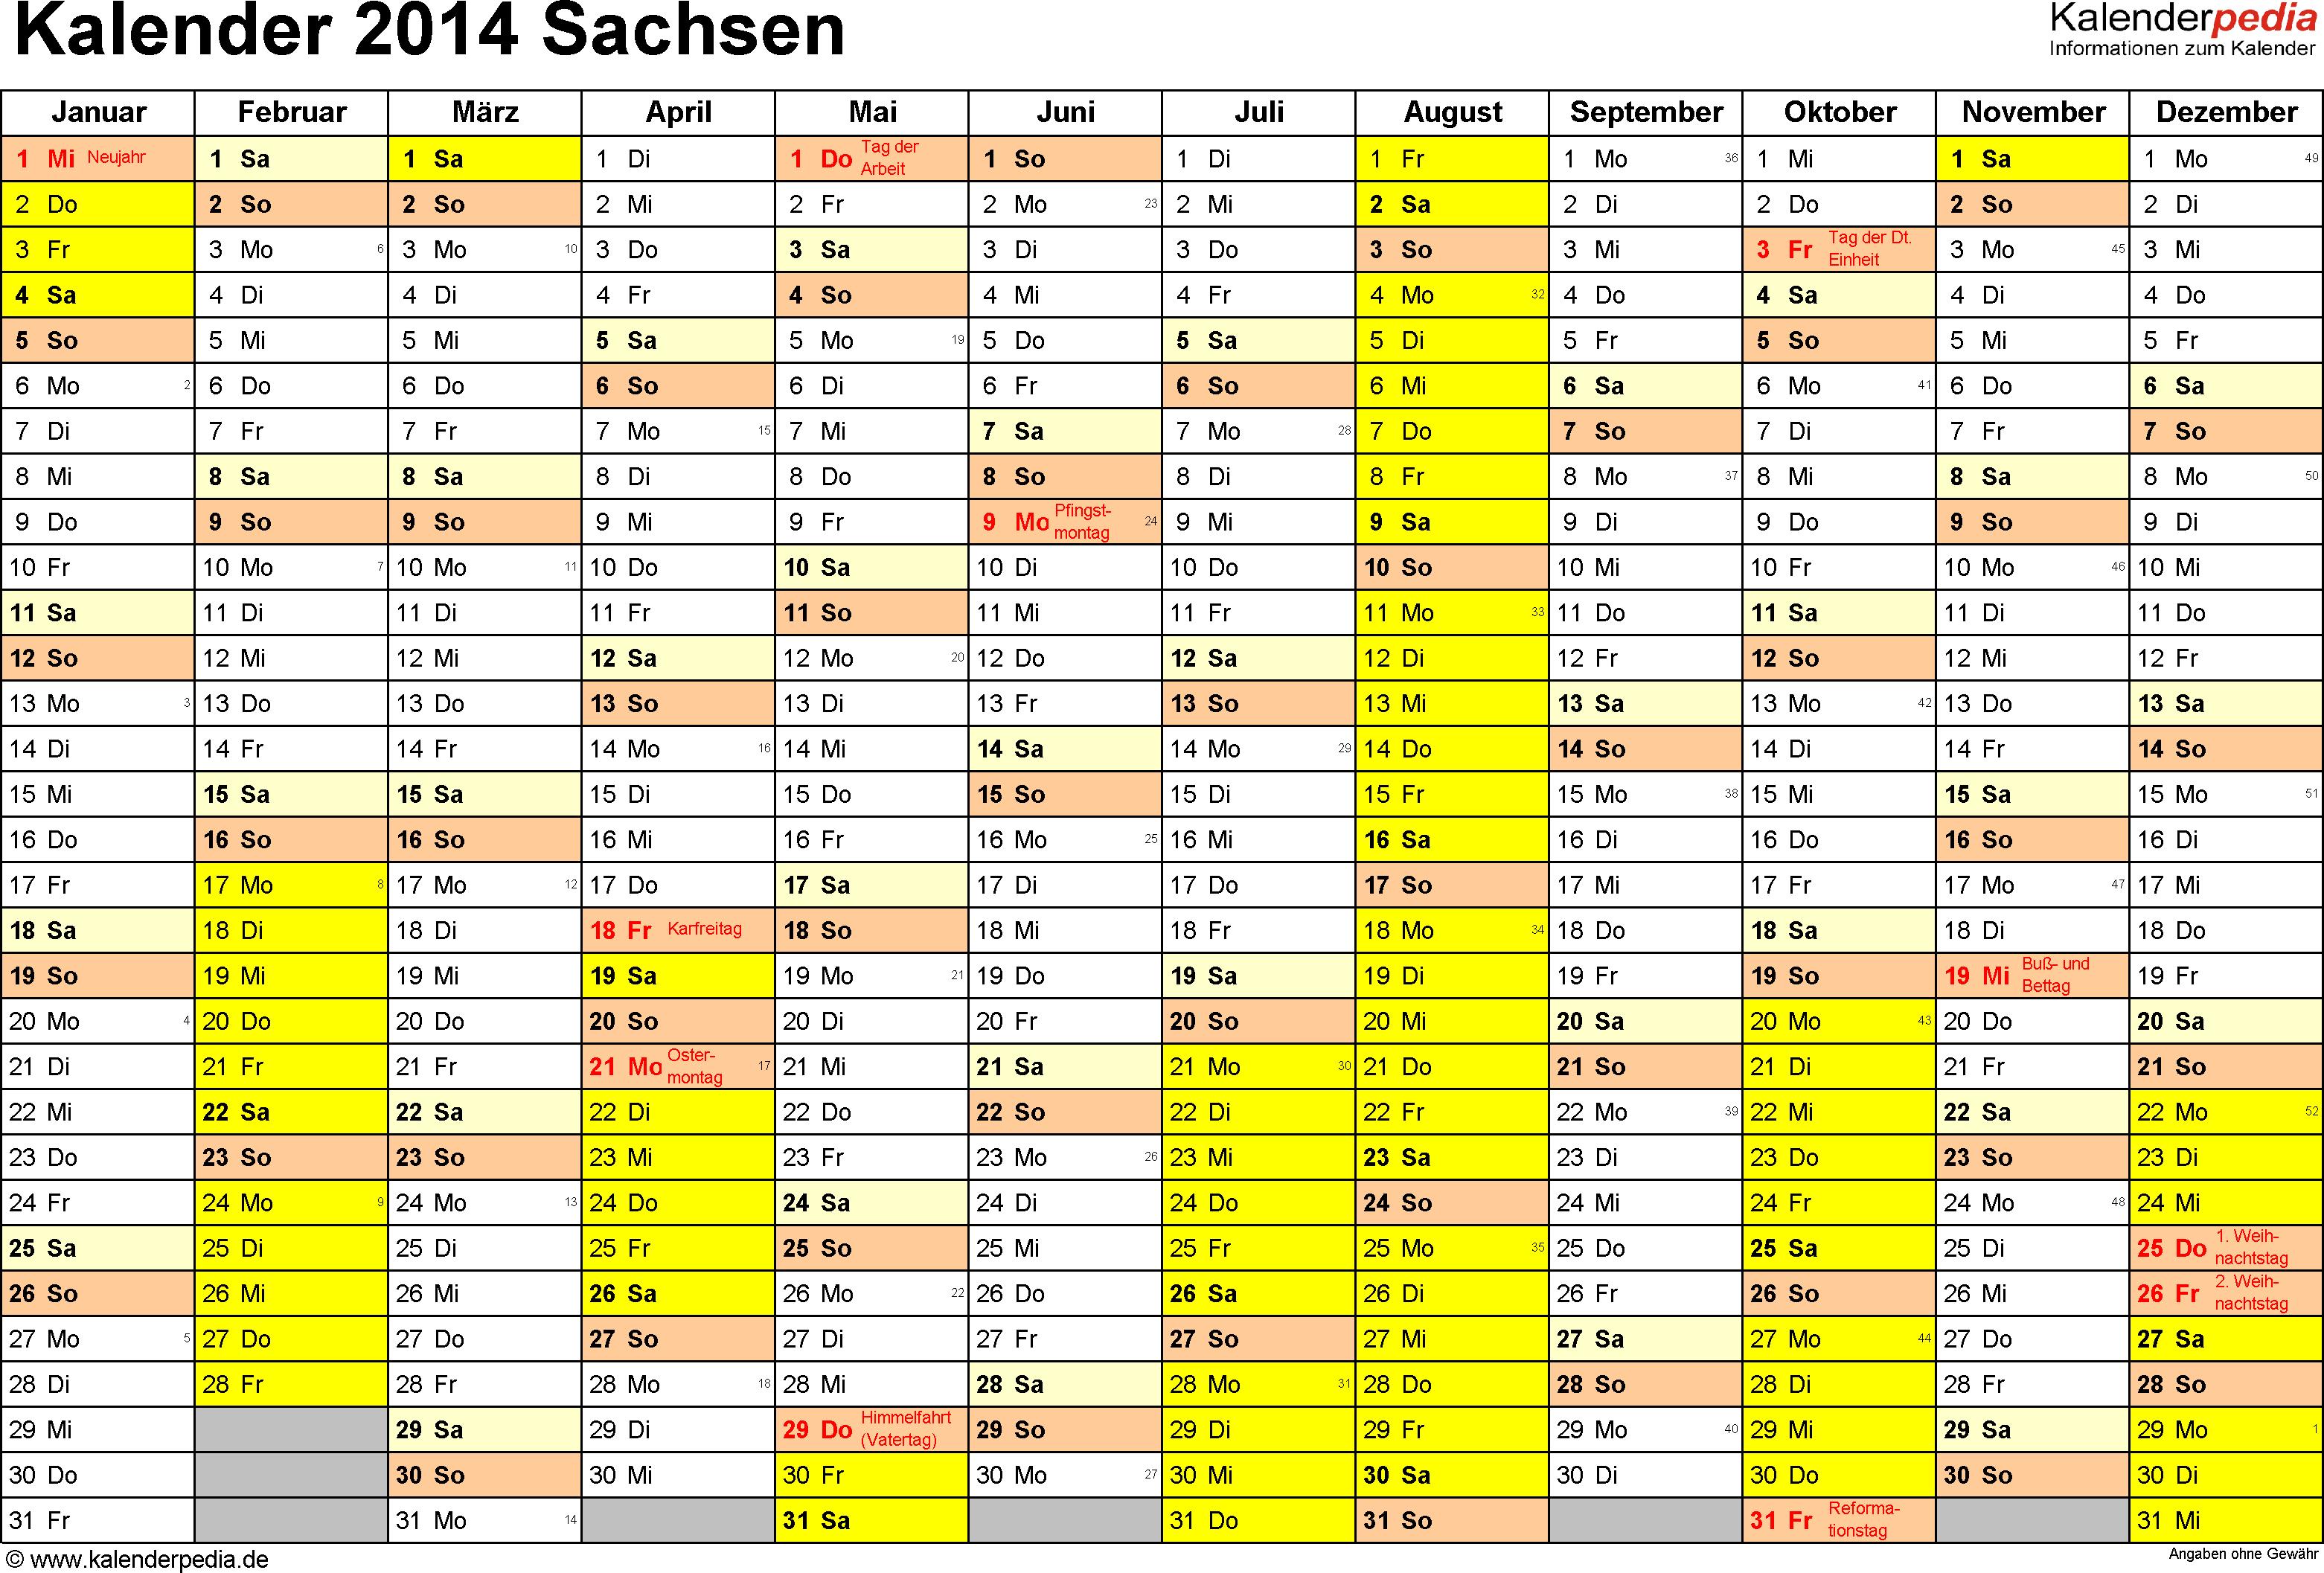 Vorlage 1: Kalender 2014 für Sachsen als PDF-Vorlagen (Querformat, 1 Seite)